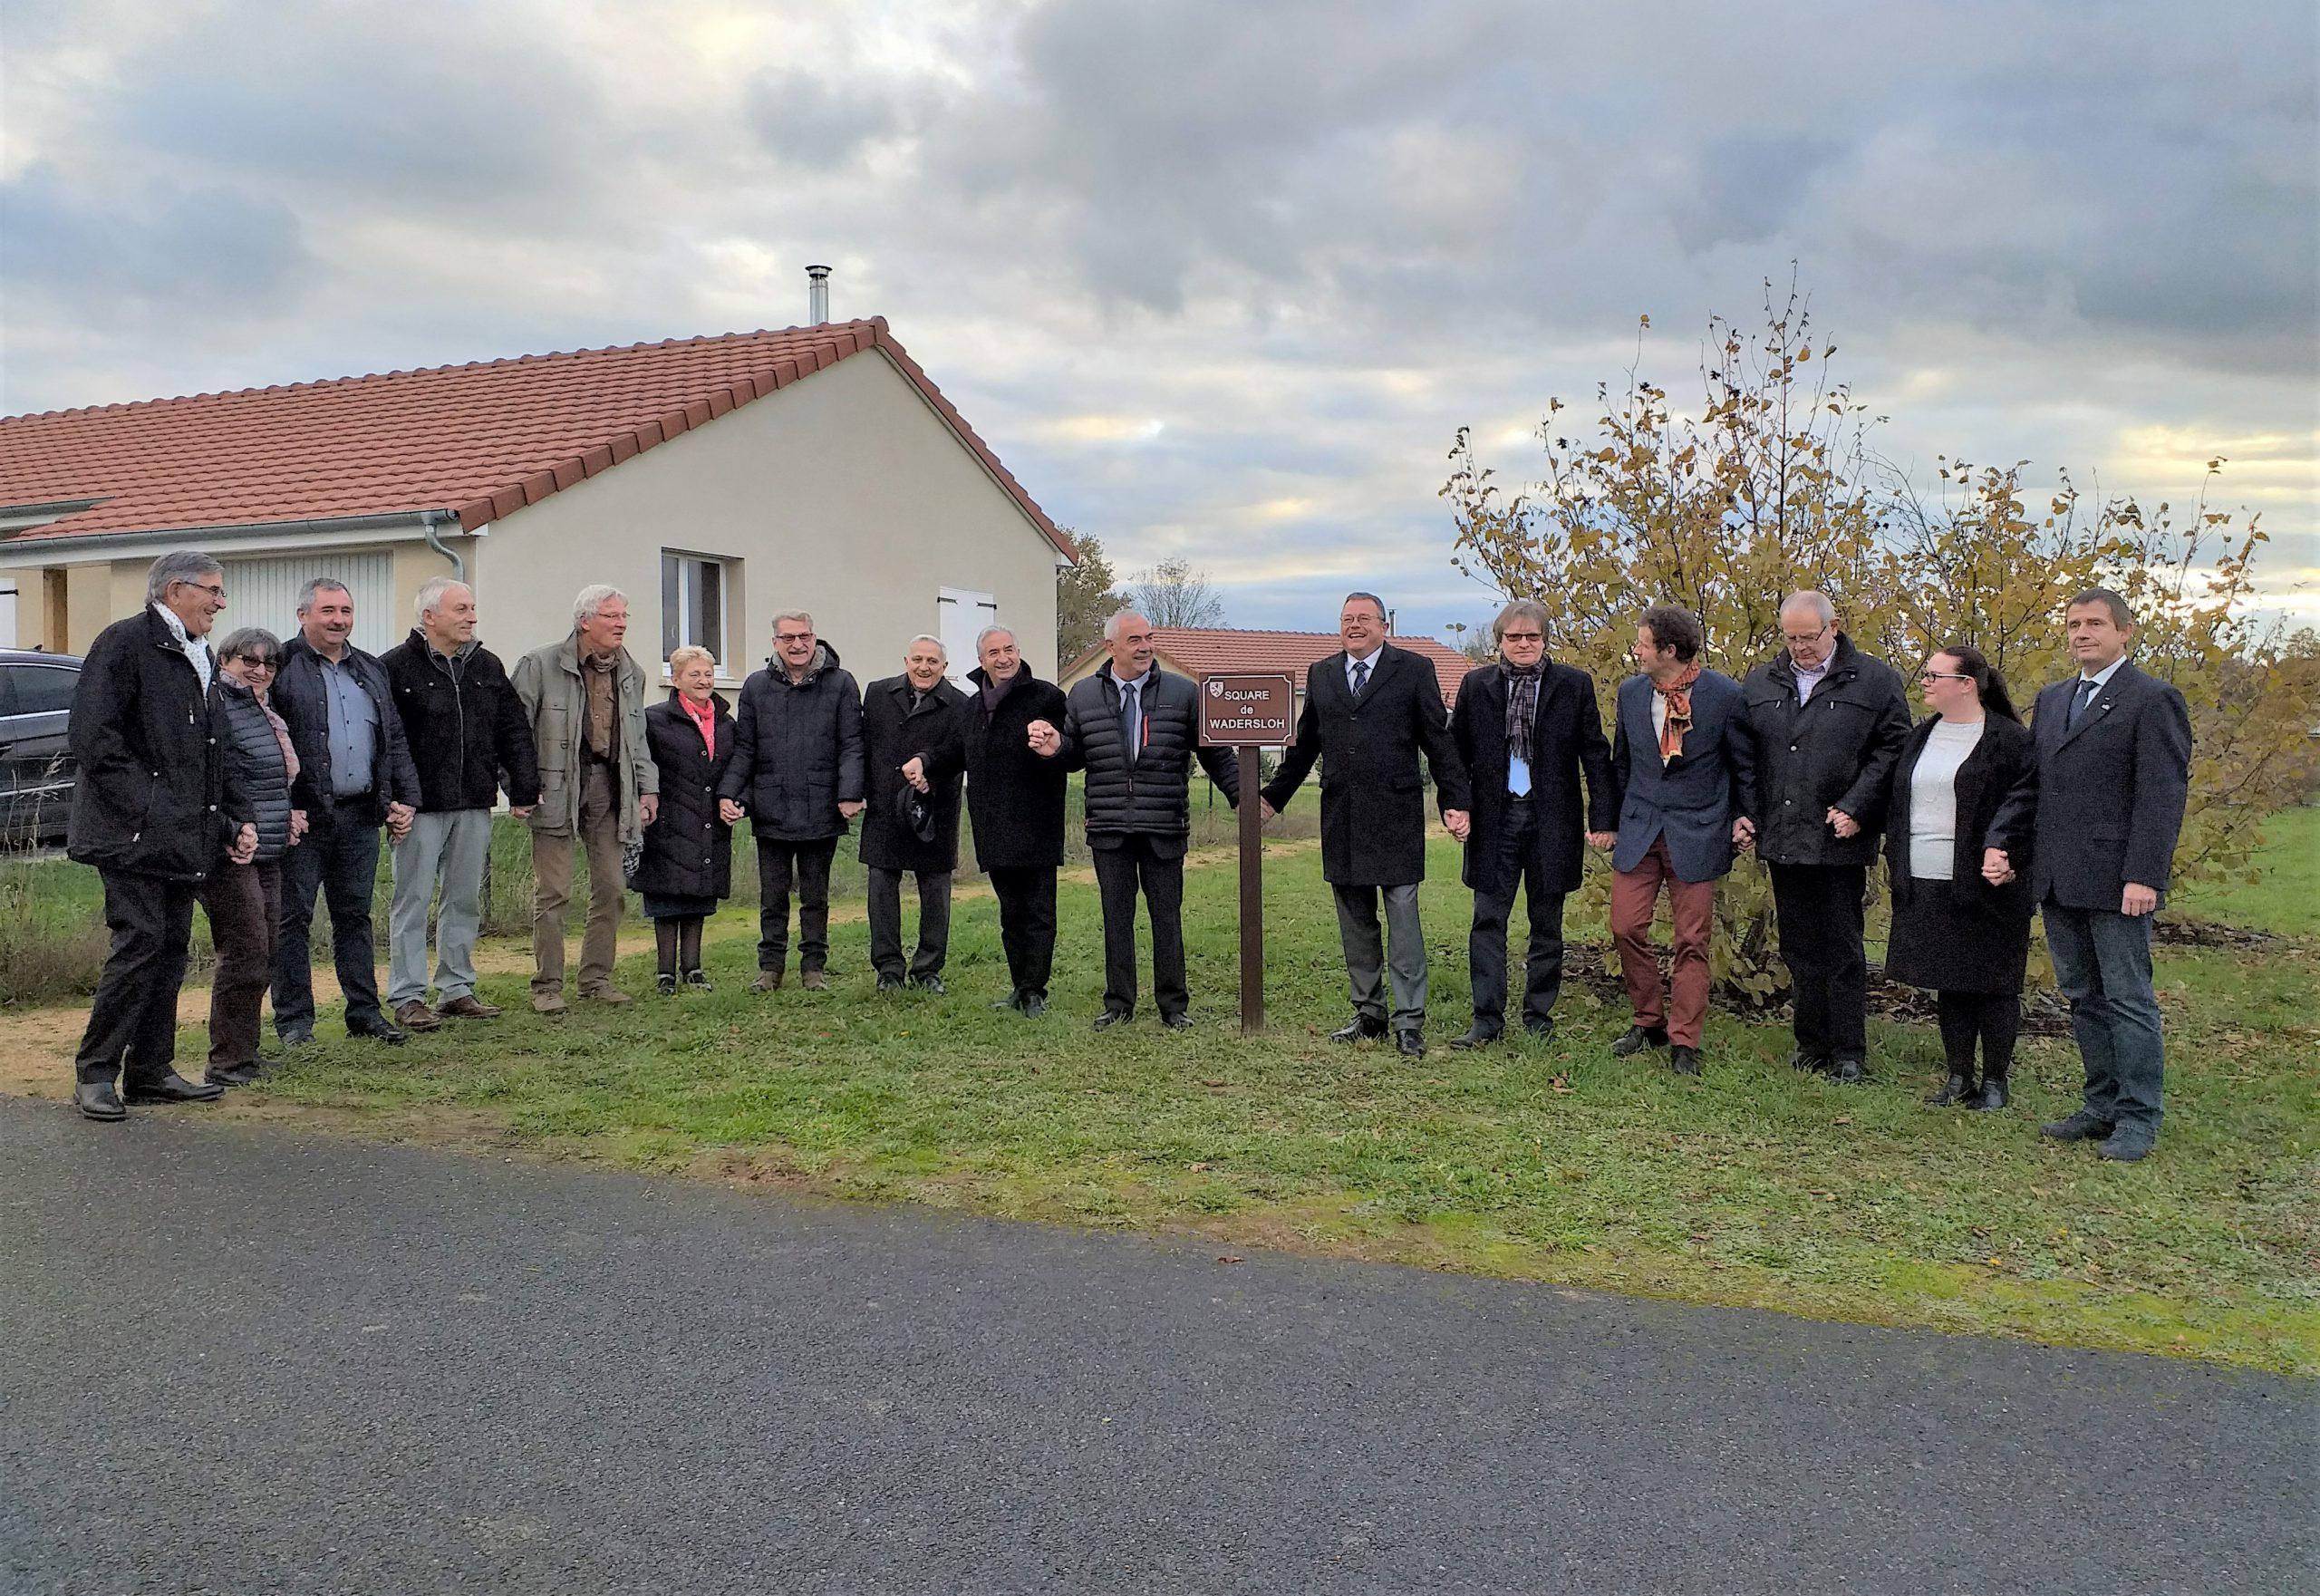 2019 - Einweihung des Square de Wadersloh in Marcillat